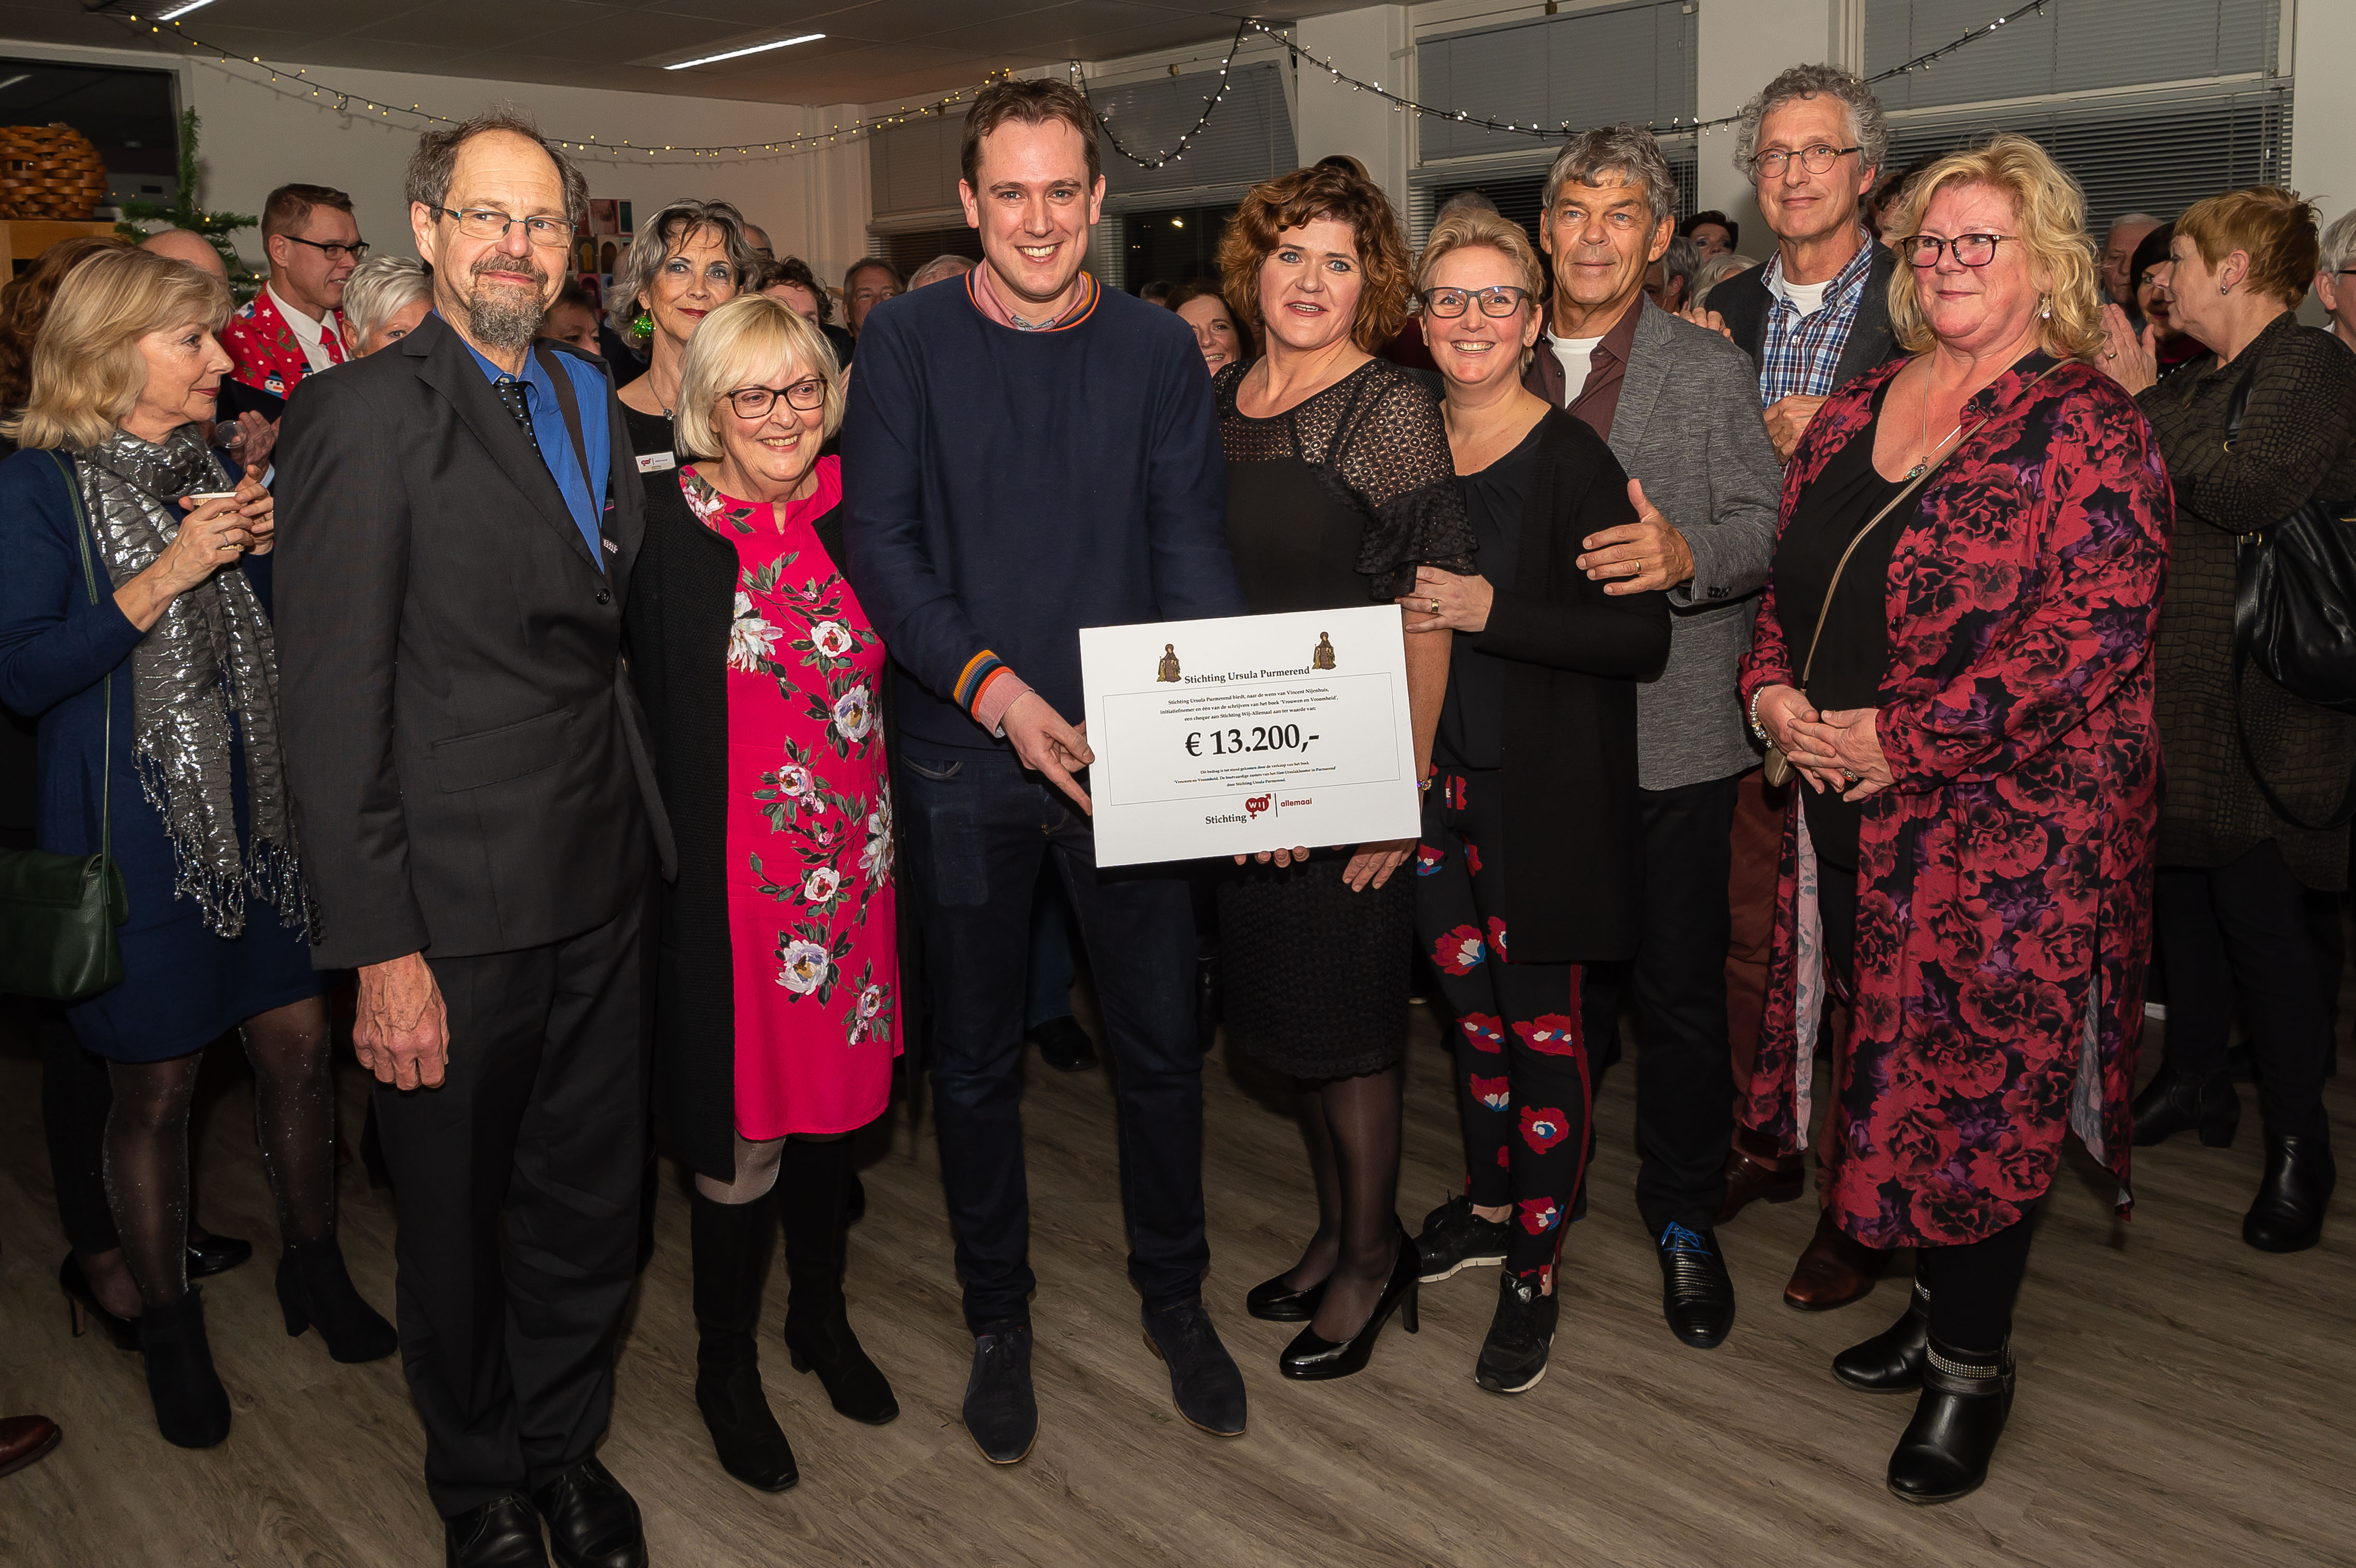 Uit naam van Stichting Ursula konden Geoffrey Nijenhuis en zijn moeder Marijke Nijenhuis een cheque van maar liefst  € 13.200,-  schenken aan inloophuis Wij Allemaal. (Foto: Han Giskes)